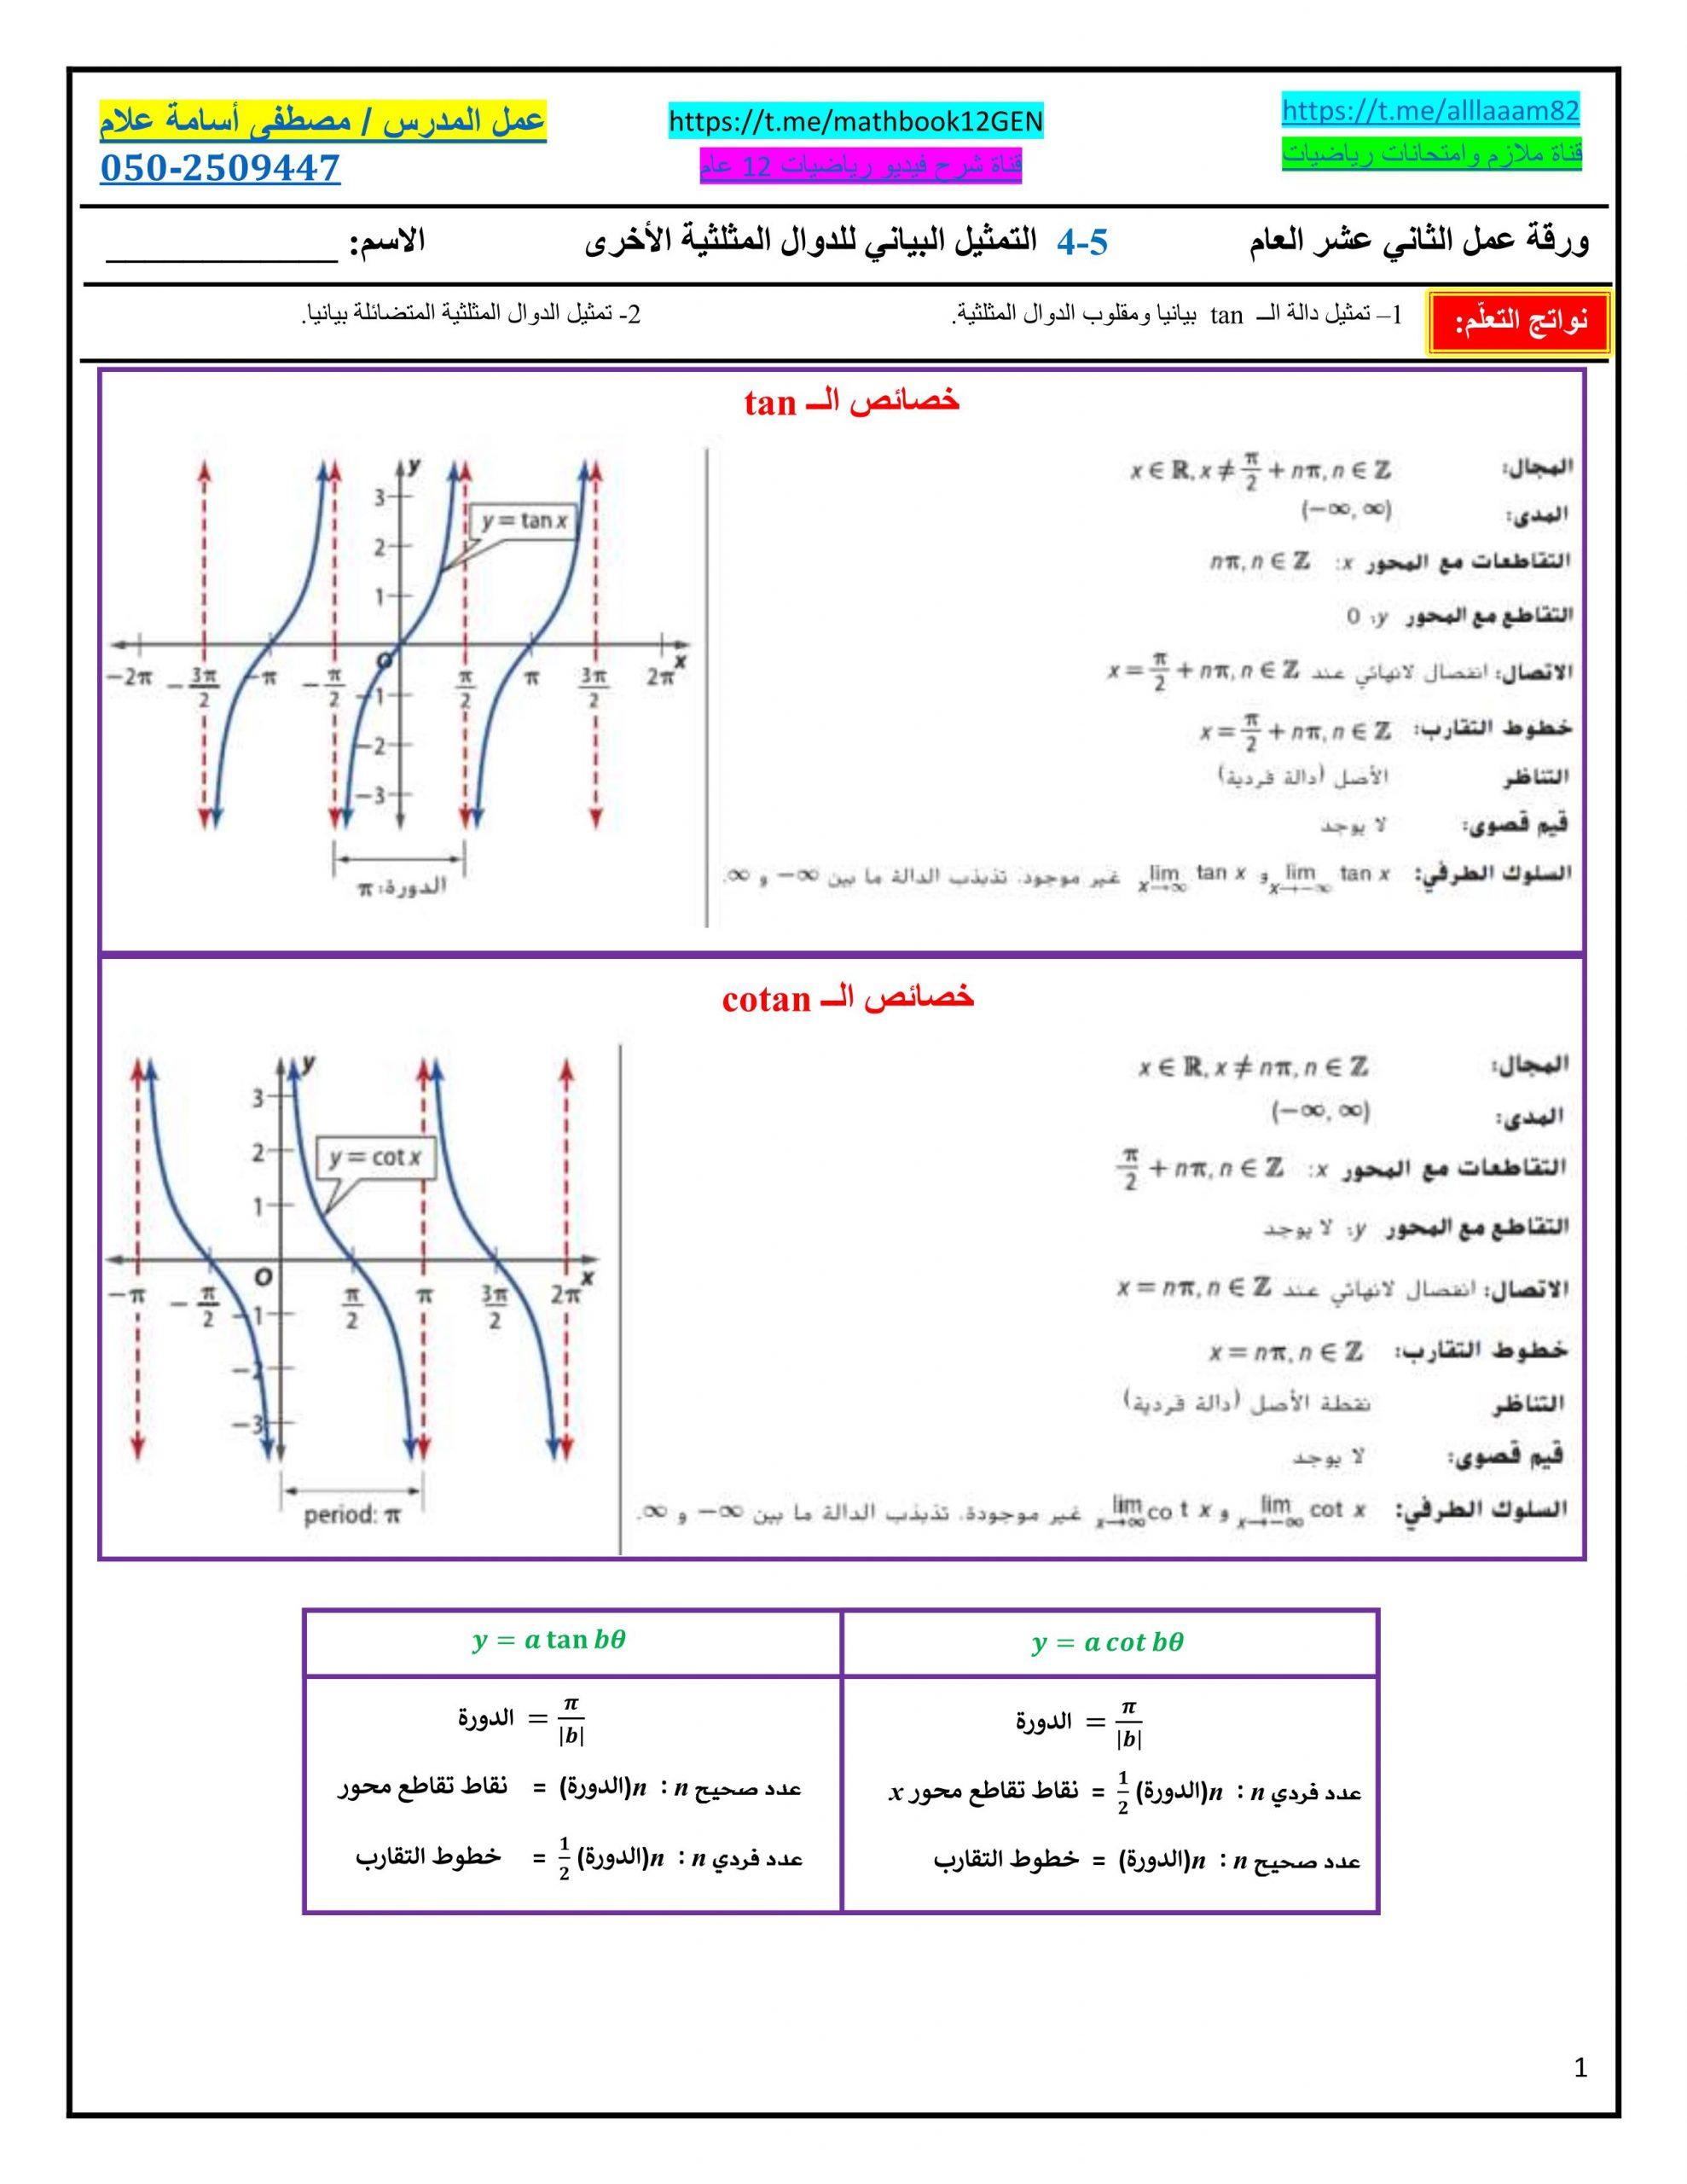 حل التمثيل البياني للدوال المثلثية الأخرى الصف الثاني عشر مادة الرياضيات المتكاملة